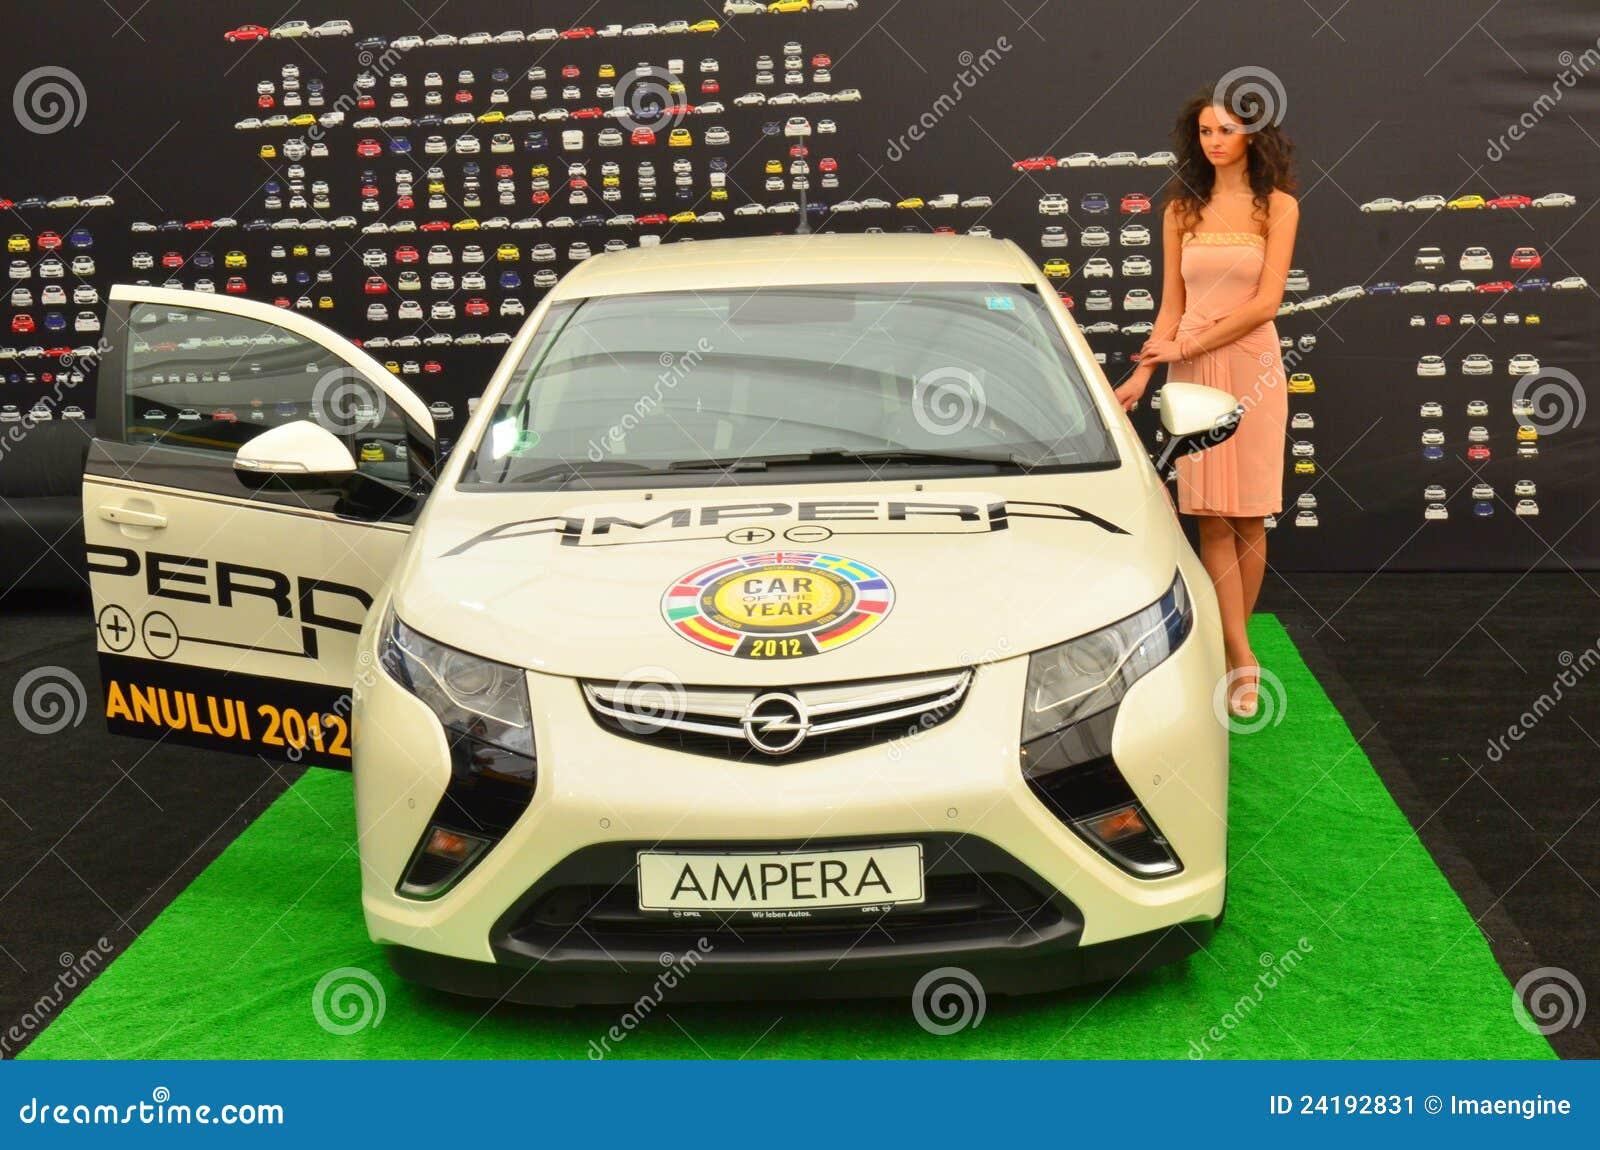 Coche híbrido de Opel Ampera en SIAMB 2012